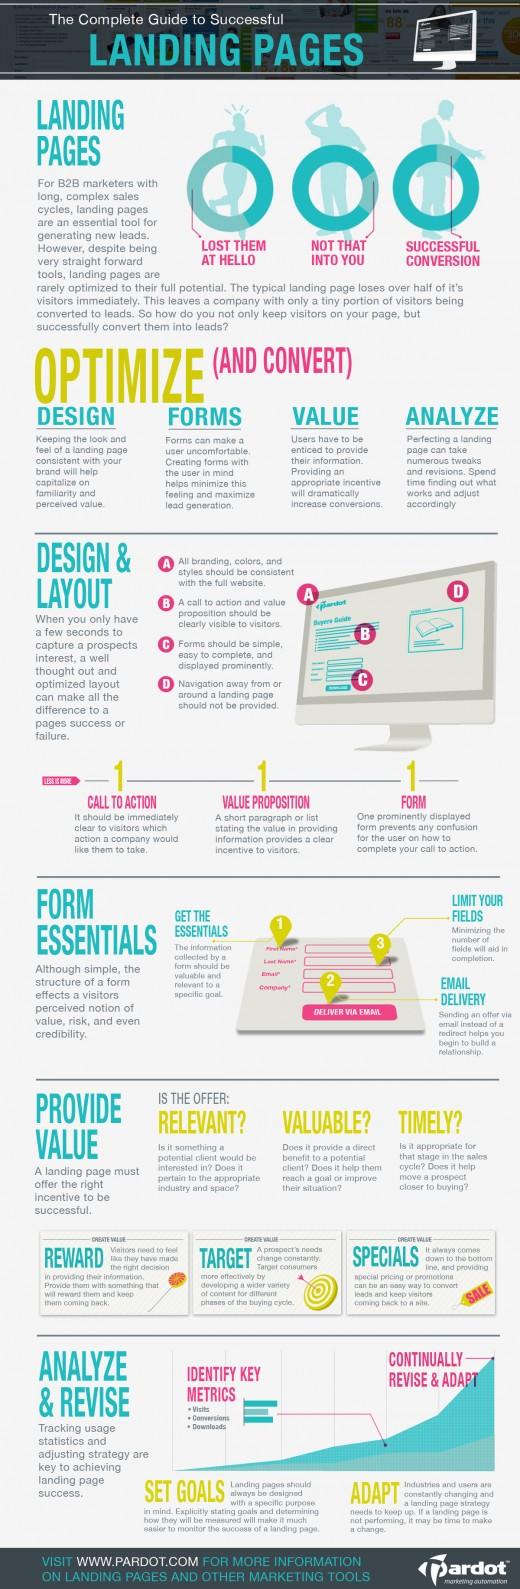 Das kleine 1×1 für erfolgreiche Landing Pages [Infografik]